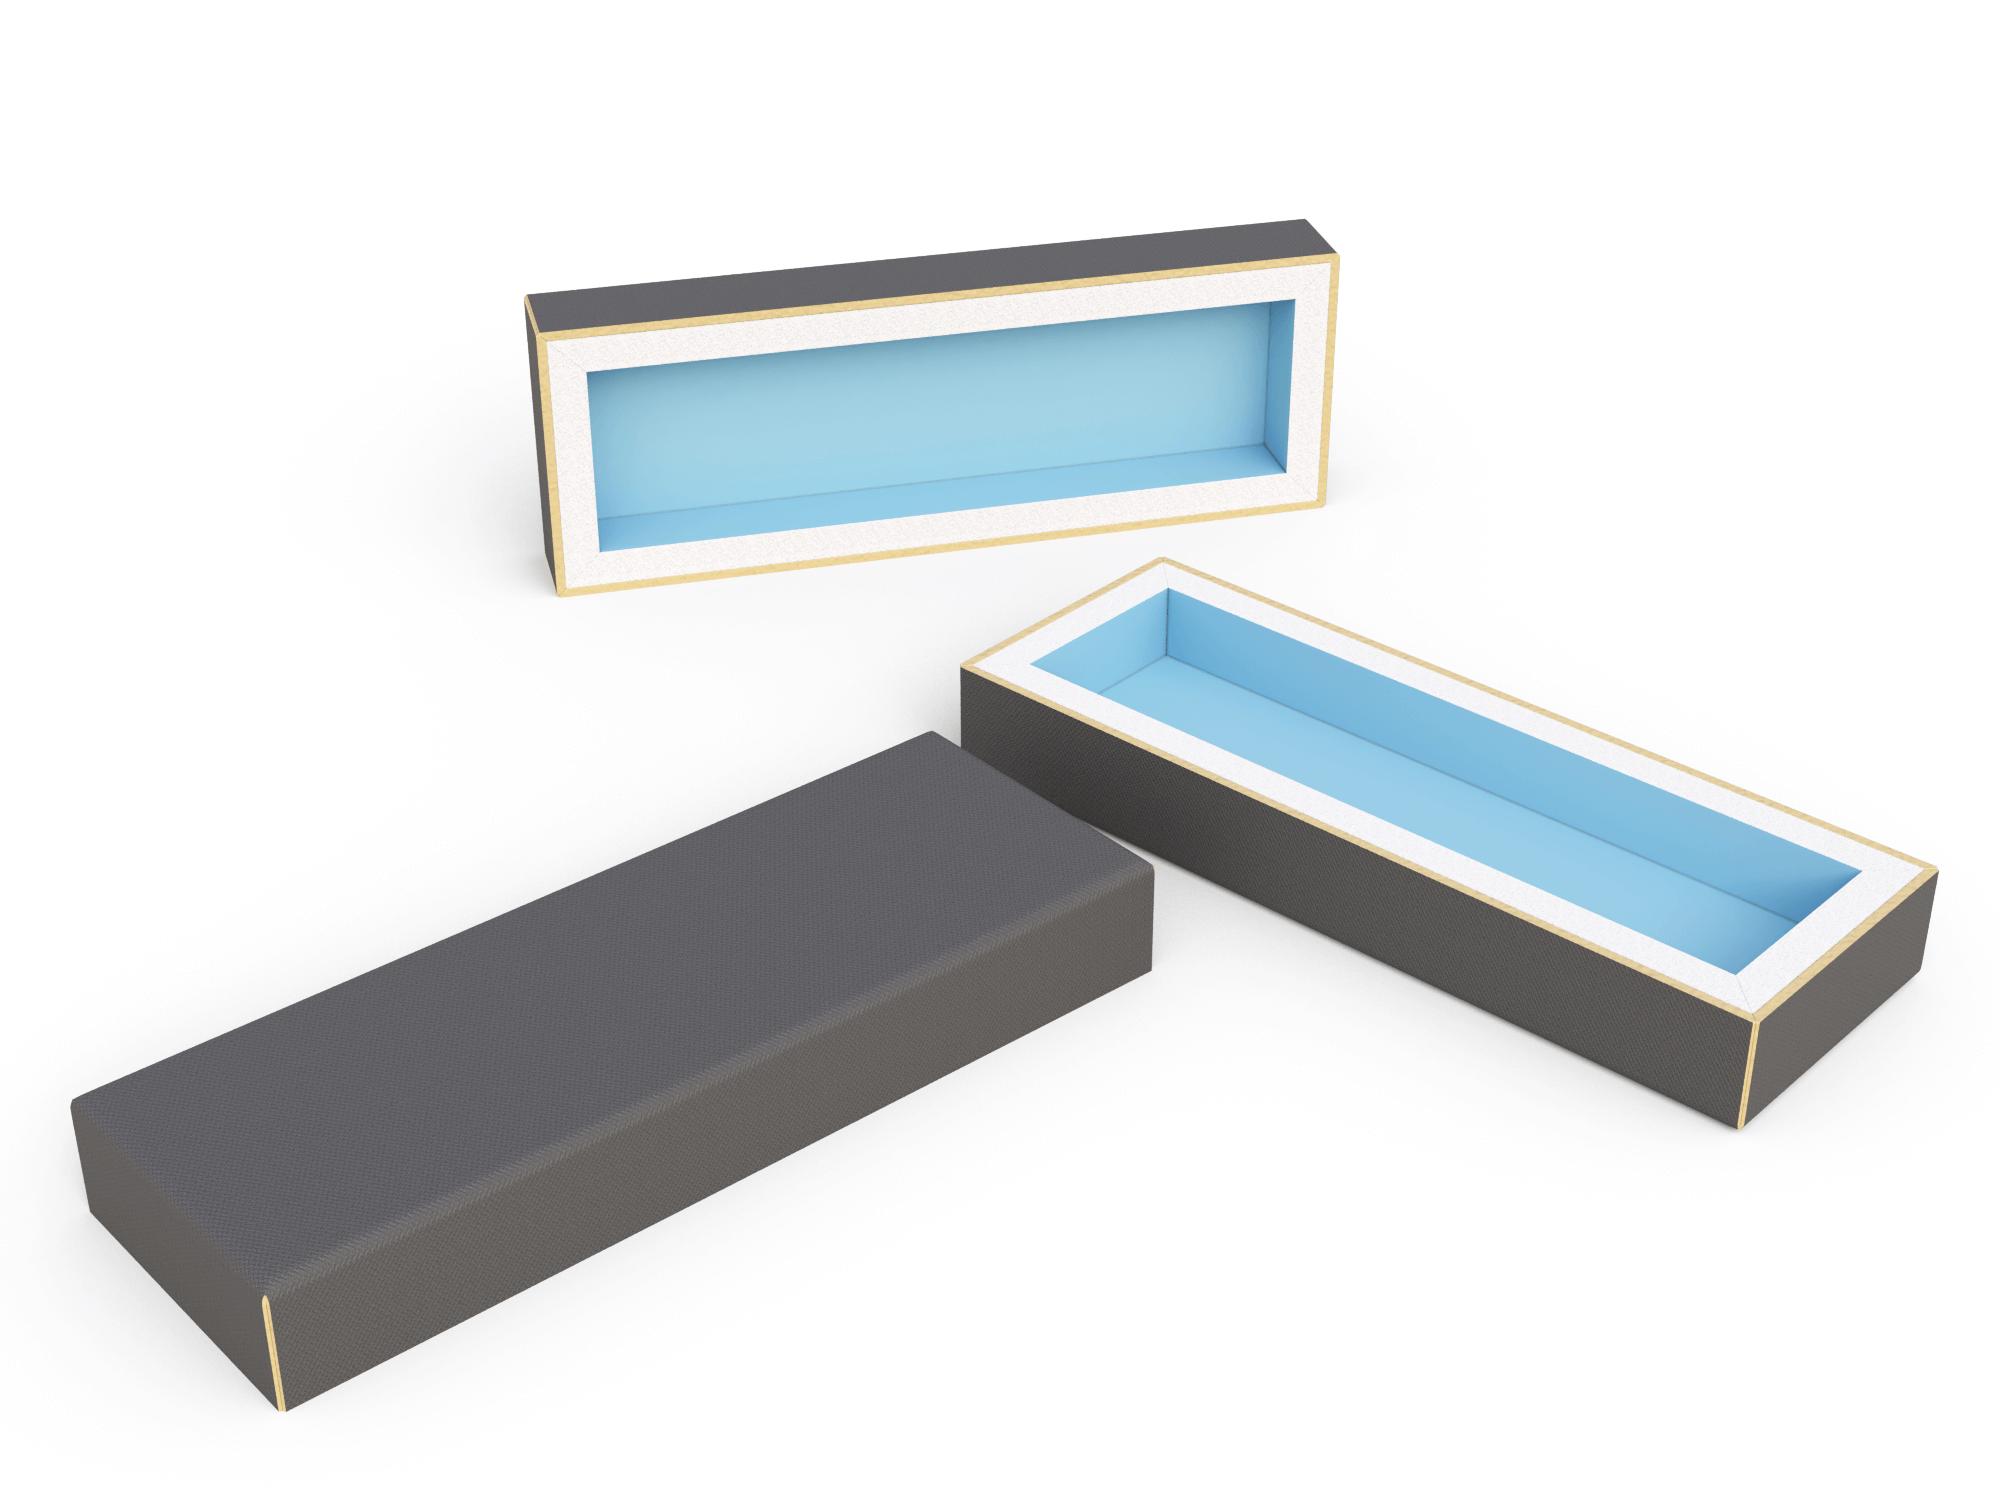 Купить подрозетник Standartish BOX4 оптом в Санкт-Петербурге от производителя, производство